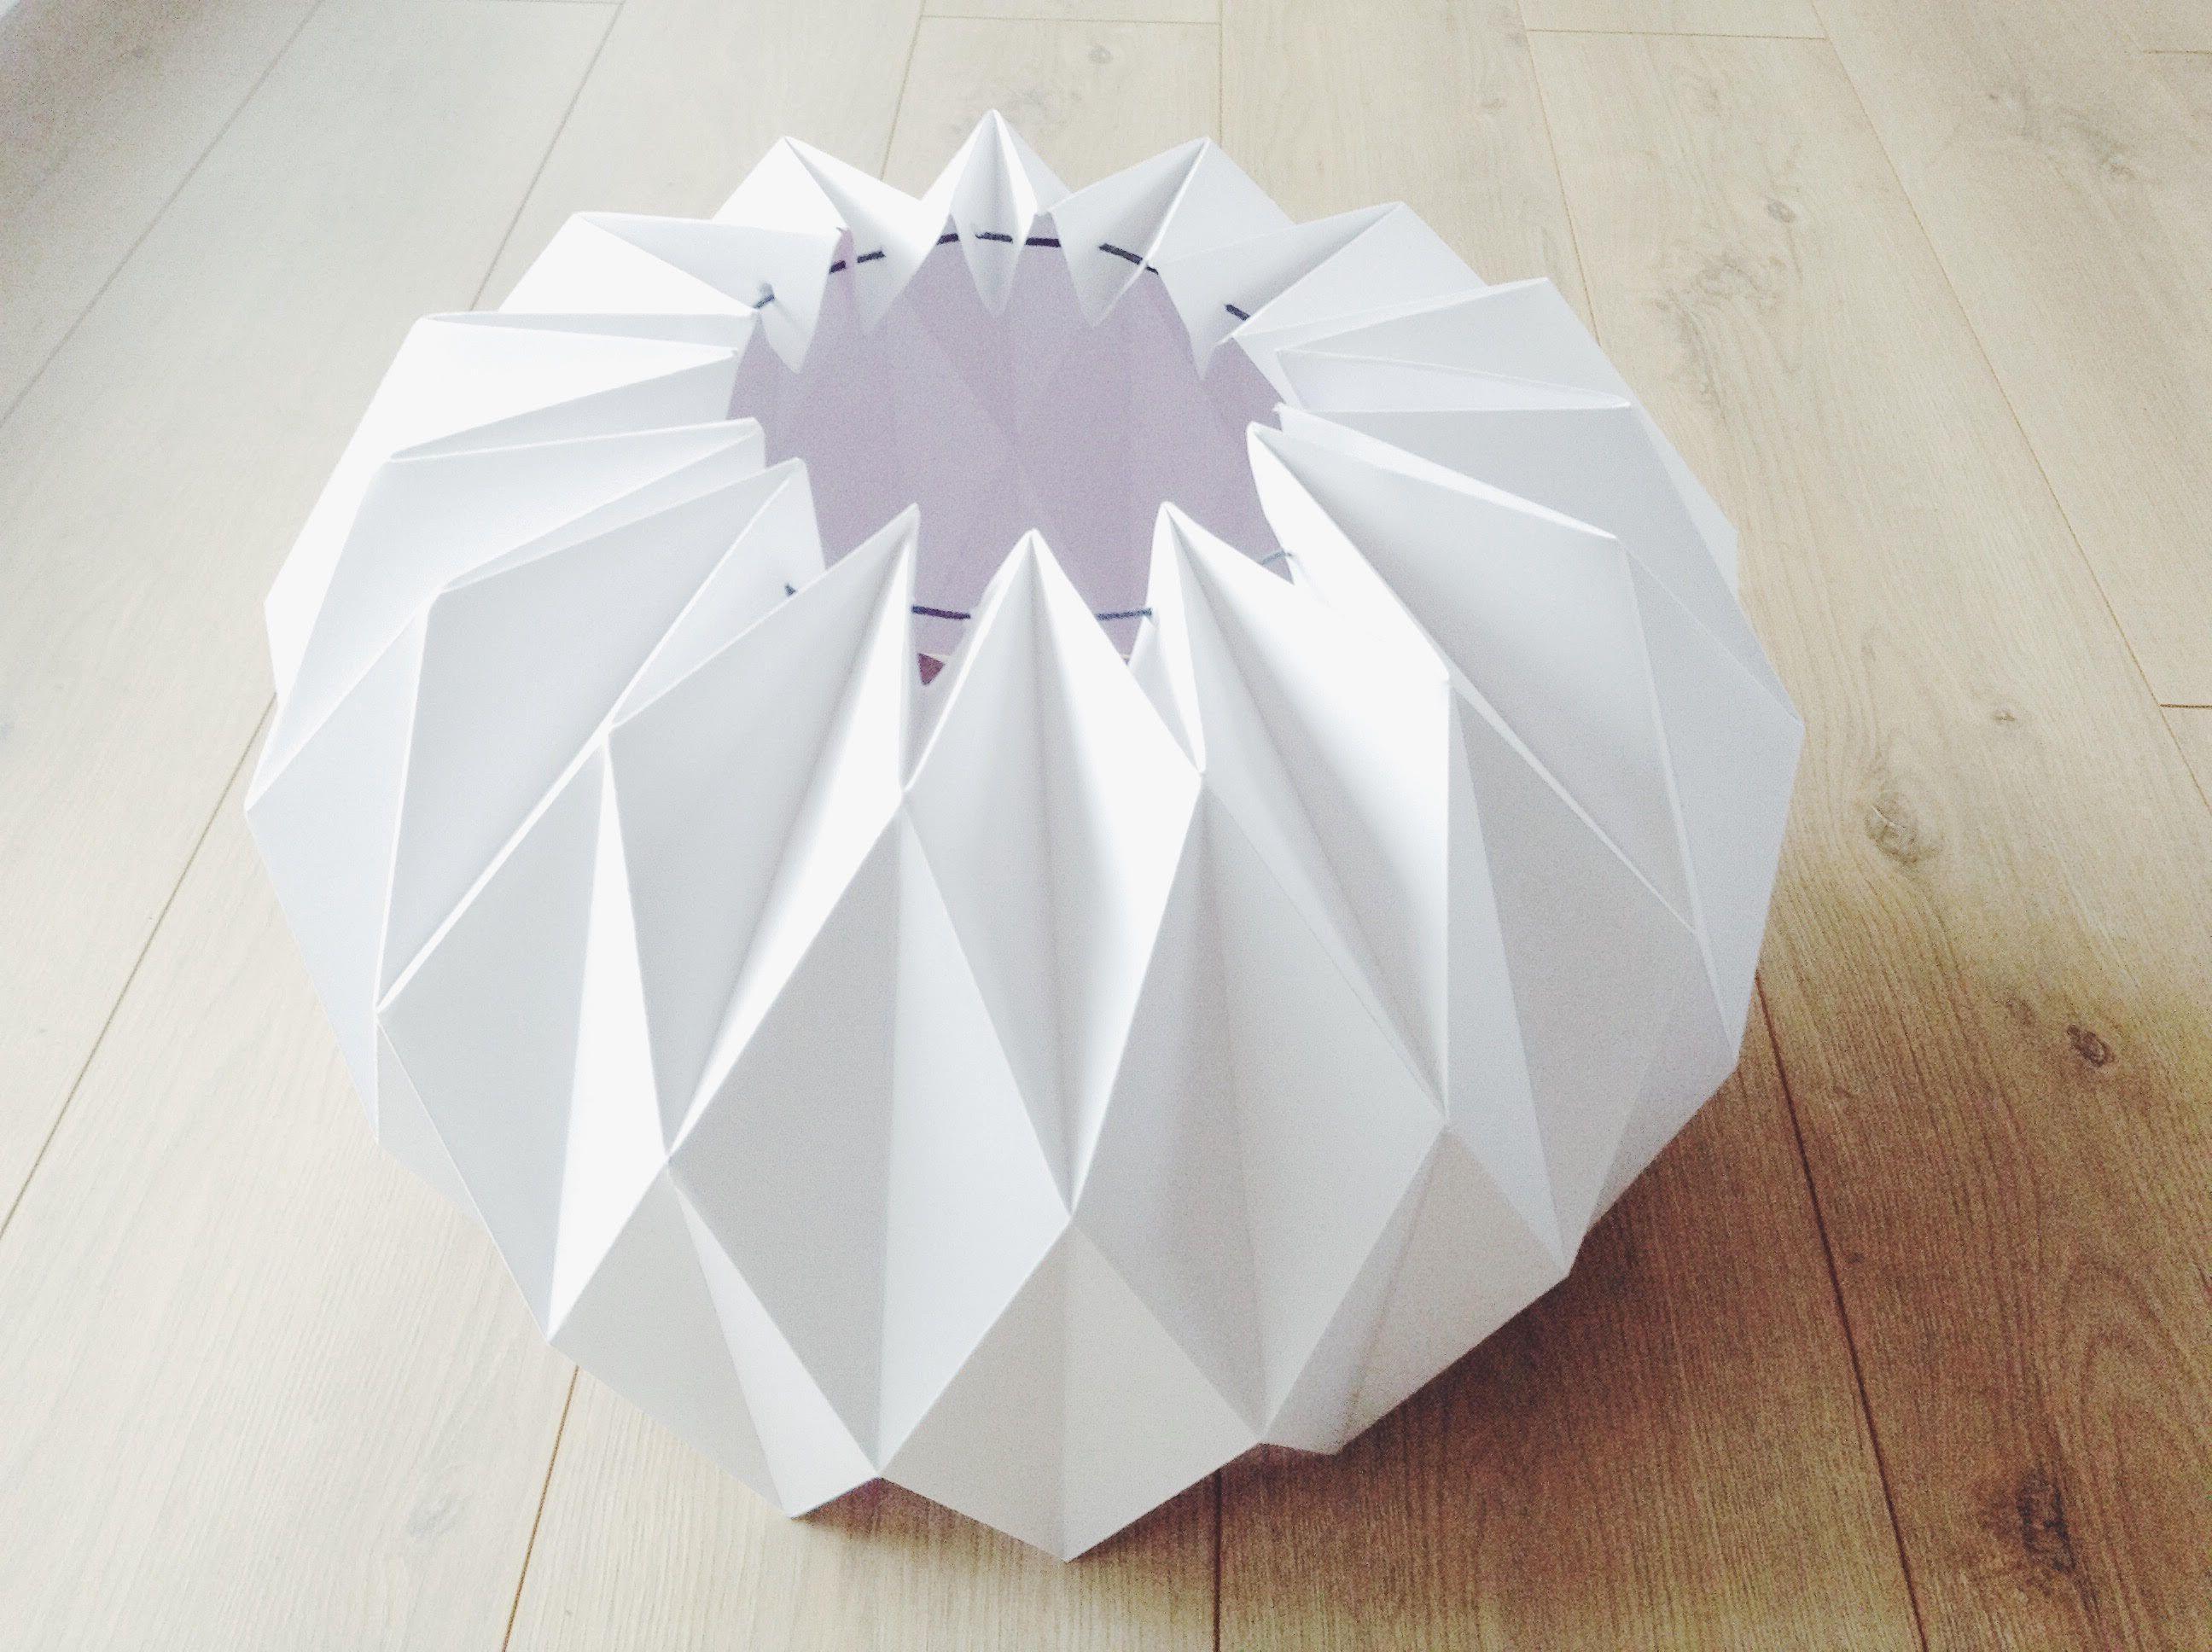 oui oui oui j 39 ai test le guide diy pour un trop choupi abat jour origami c 39 est parfait. Black Bedroom Furniture Sets. Home Design Ideas